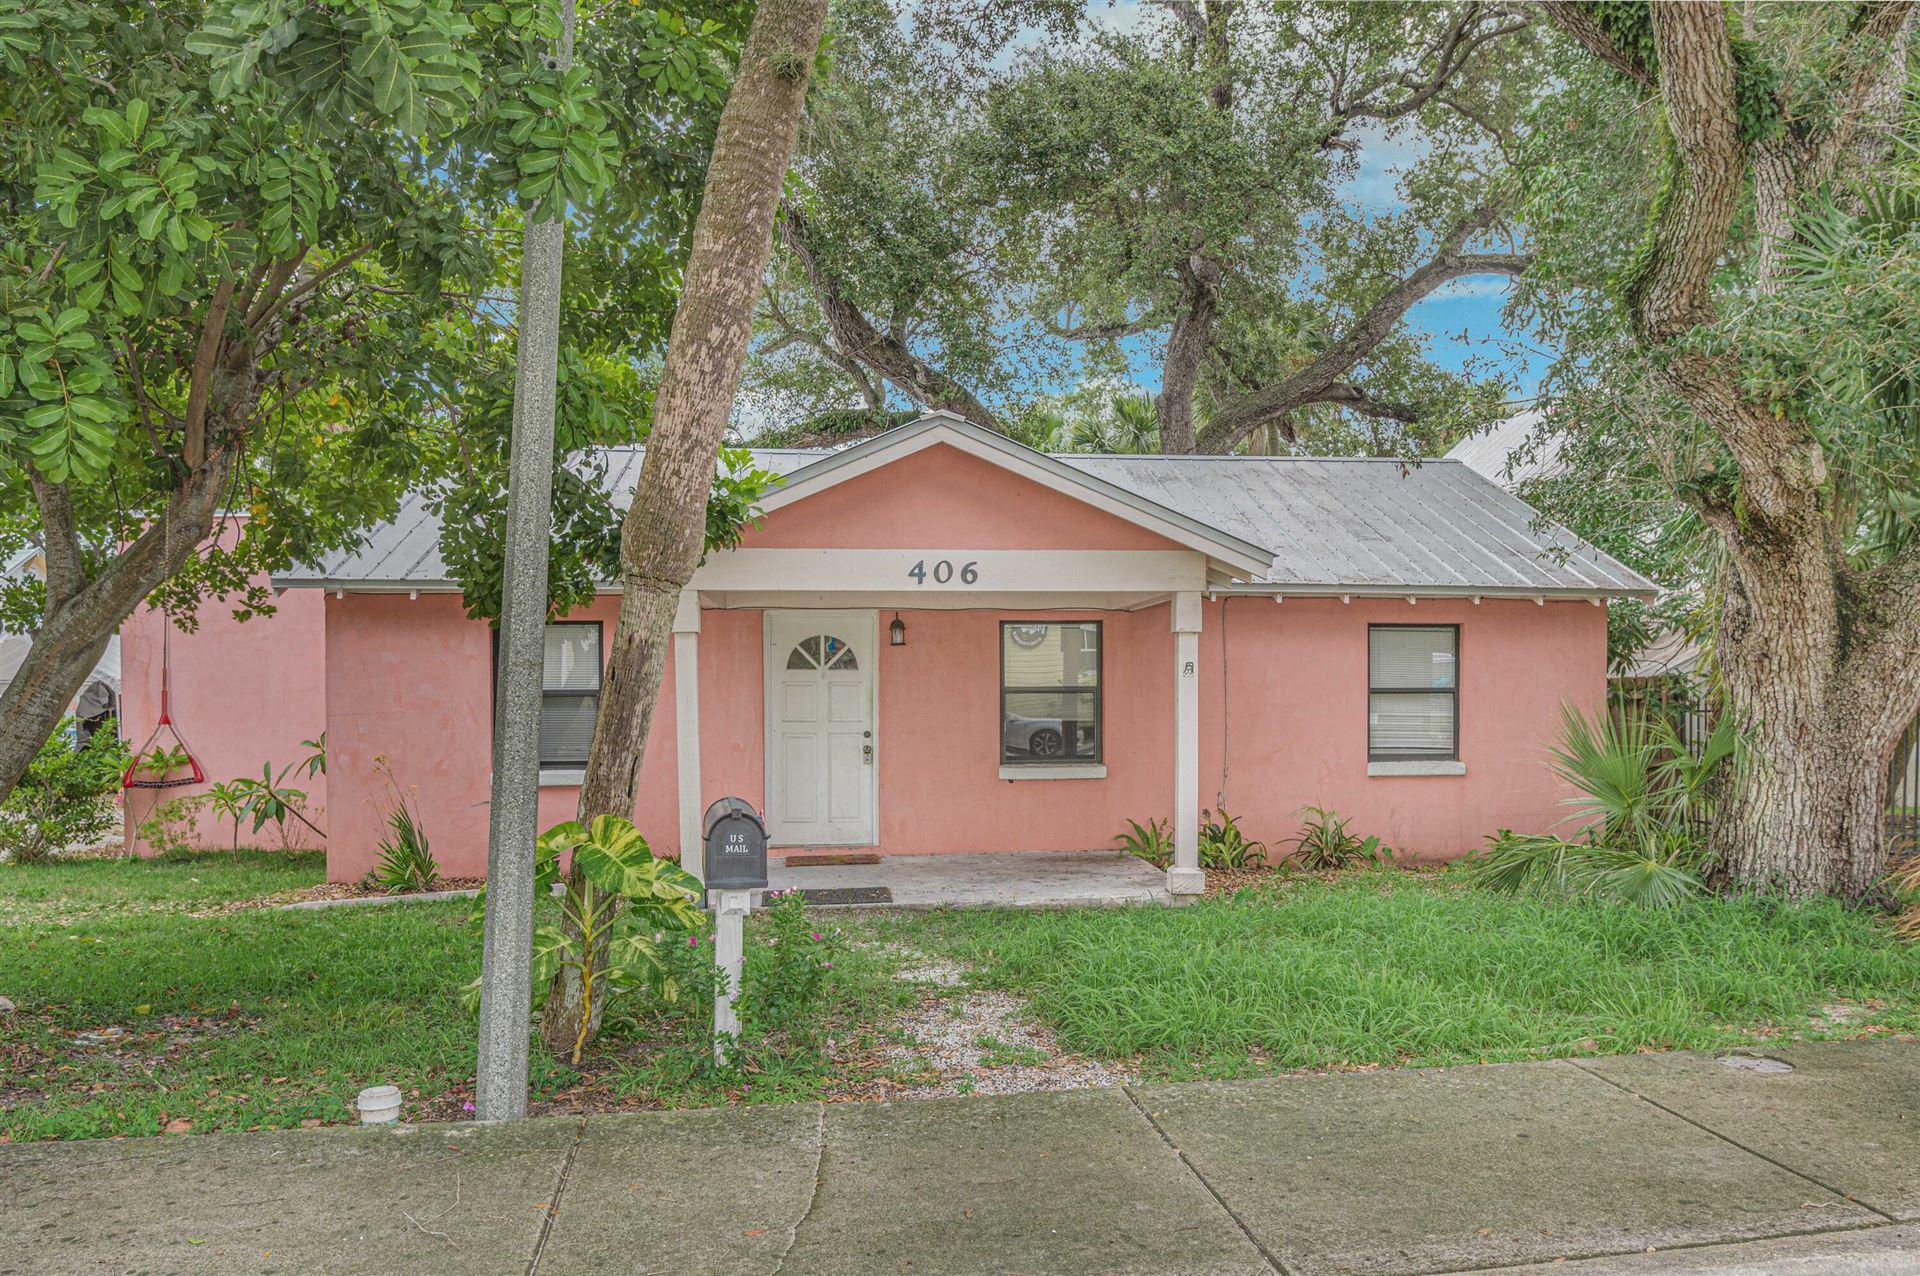 406 N 2nd Street, Fort Pierce, FL 34950 - #: RX-10735547